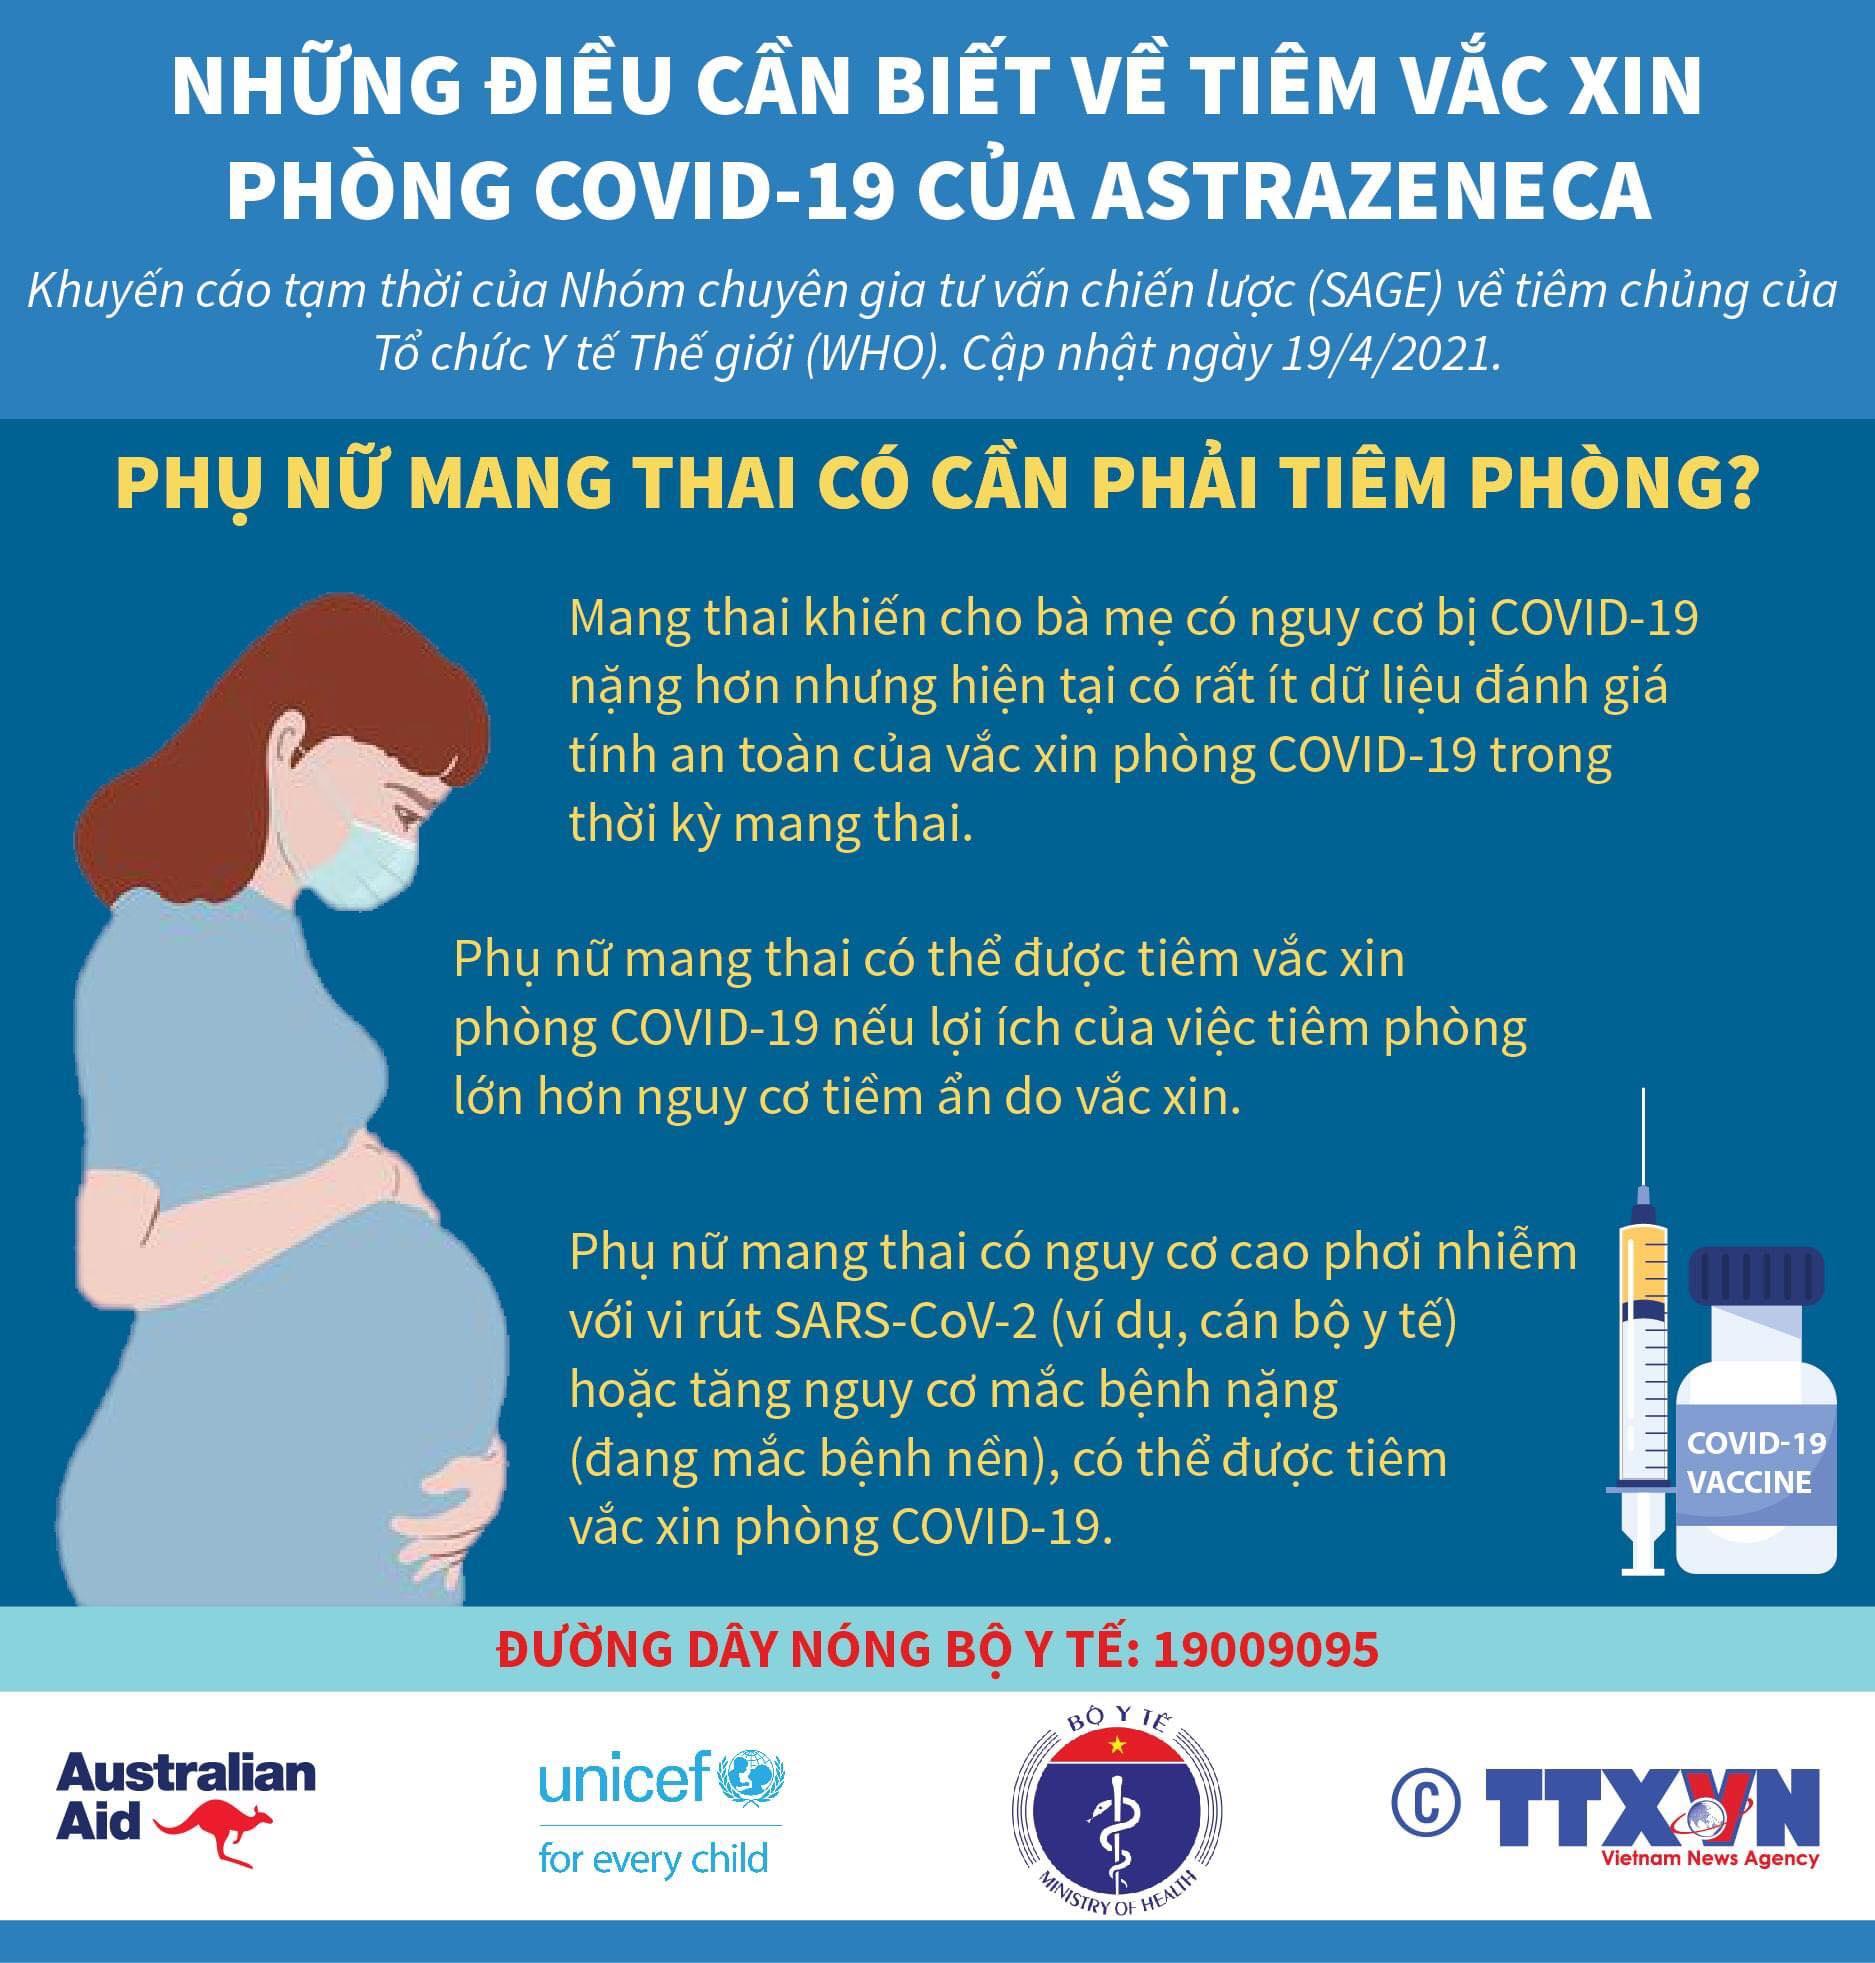 Phụ nữ mang thai có cần tiêm vắc-xin phòng COVID-19? - 1